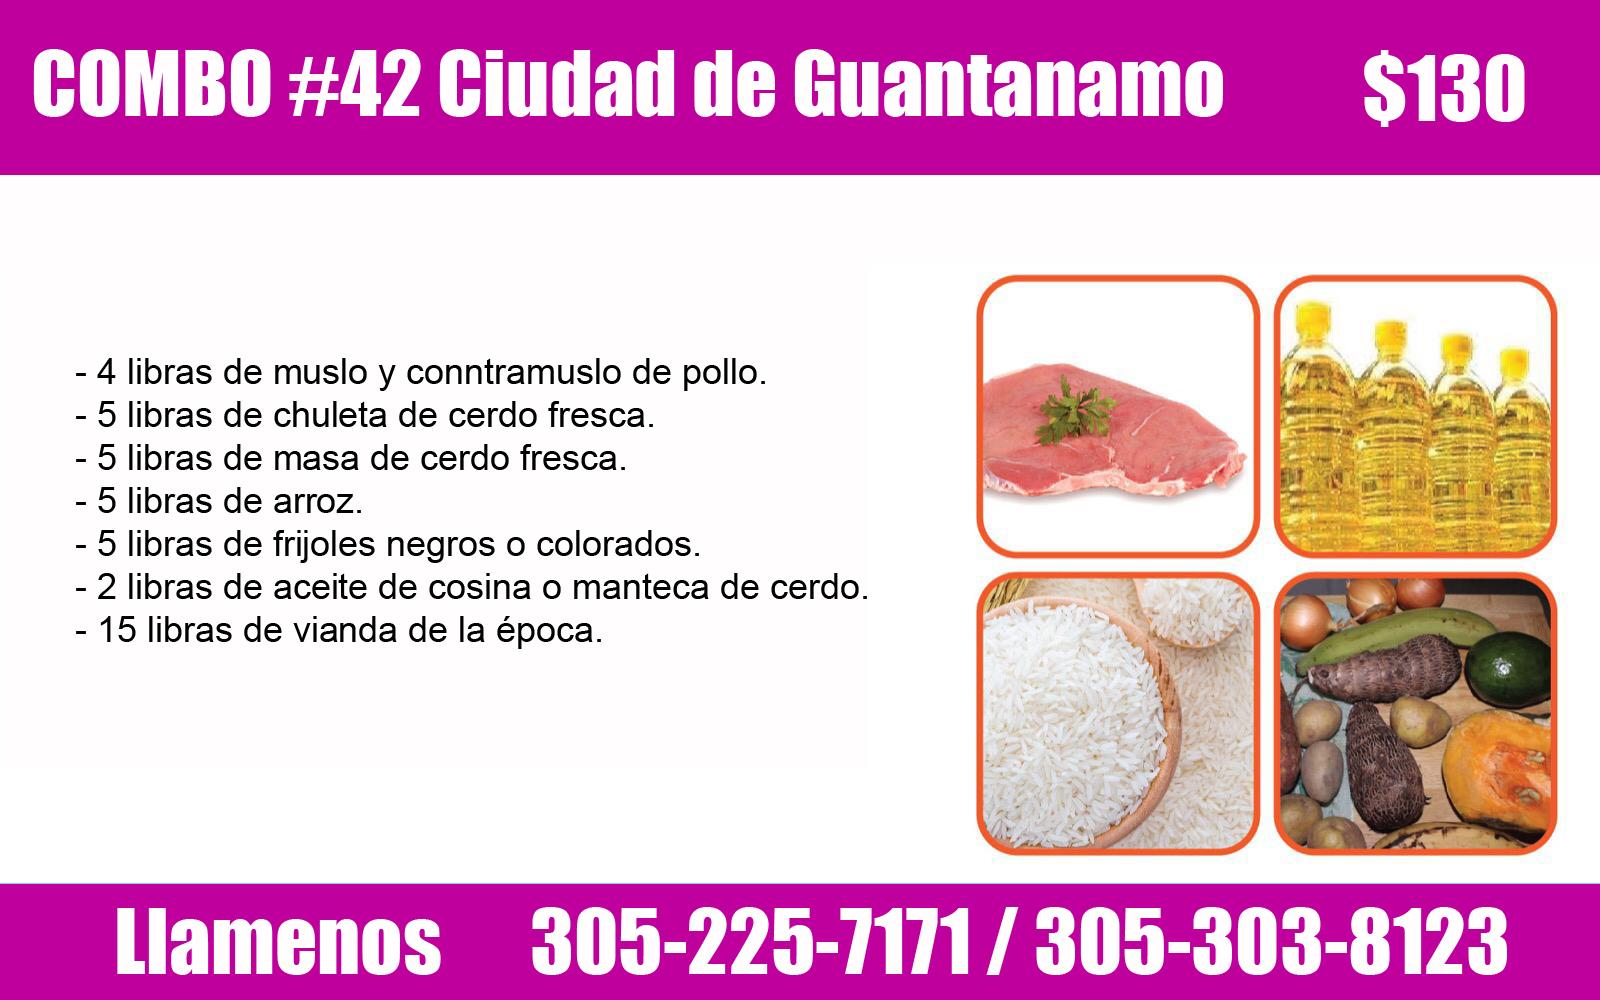 COMBO # 42 PARA LA CIUDAD DE GUANTÁNAMO $ 130